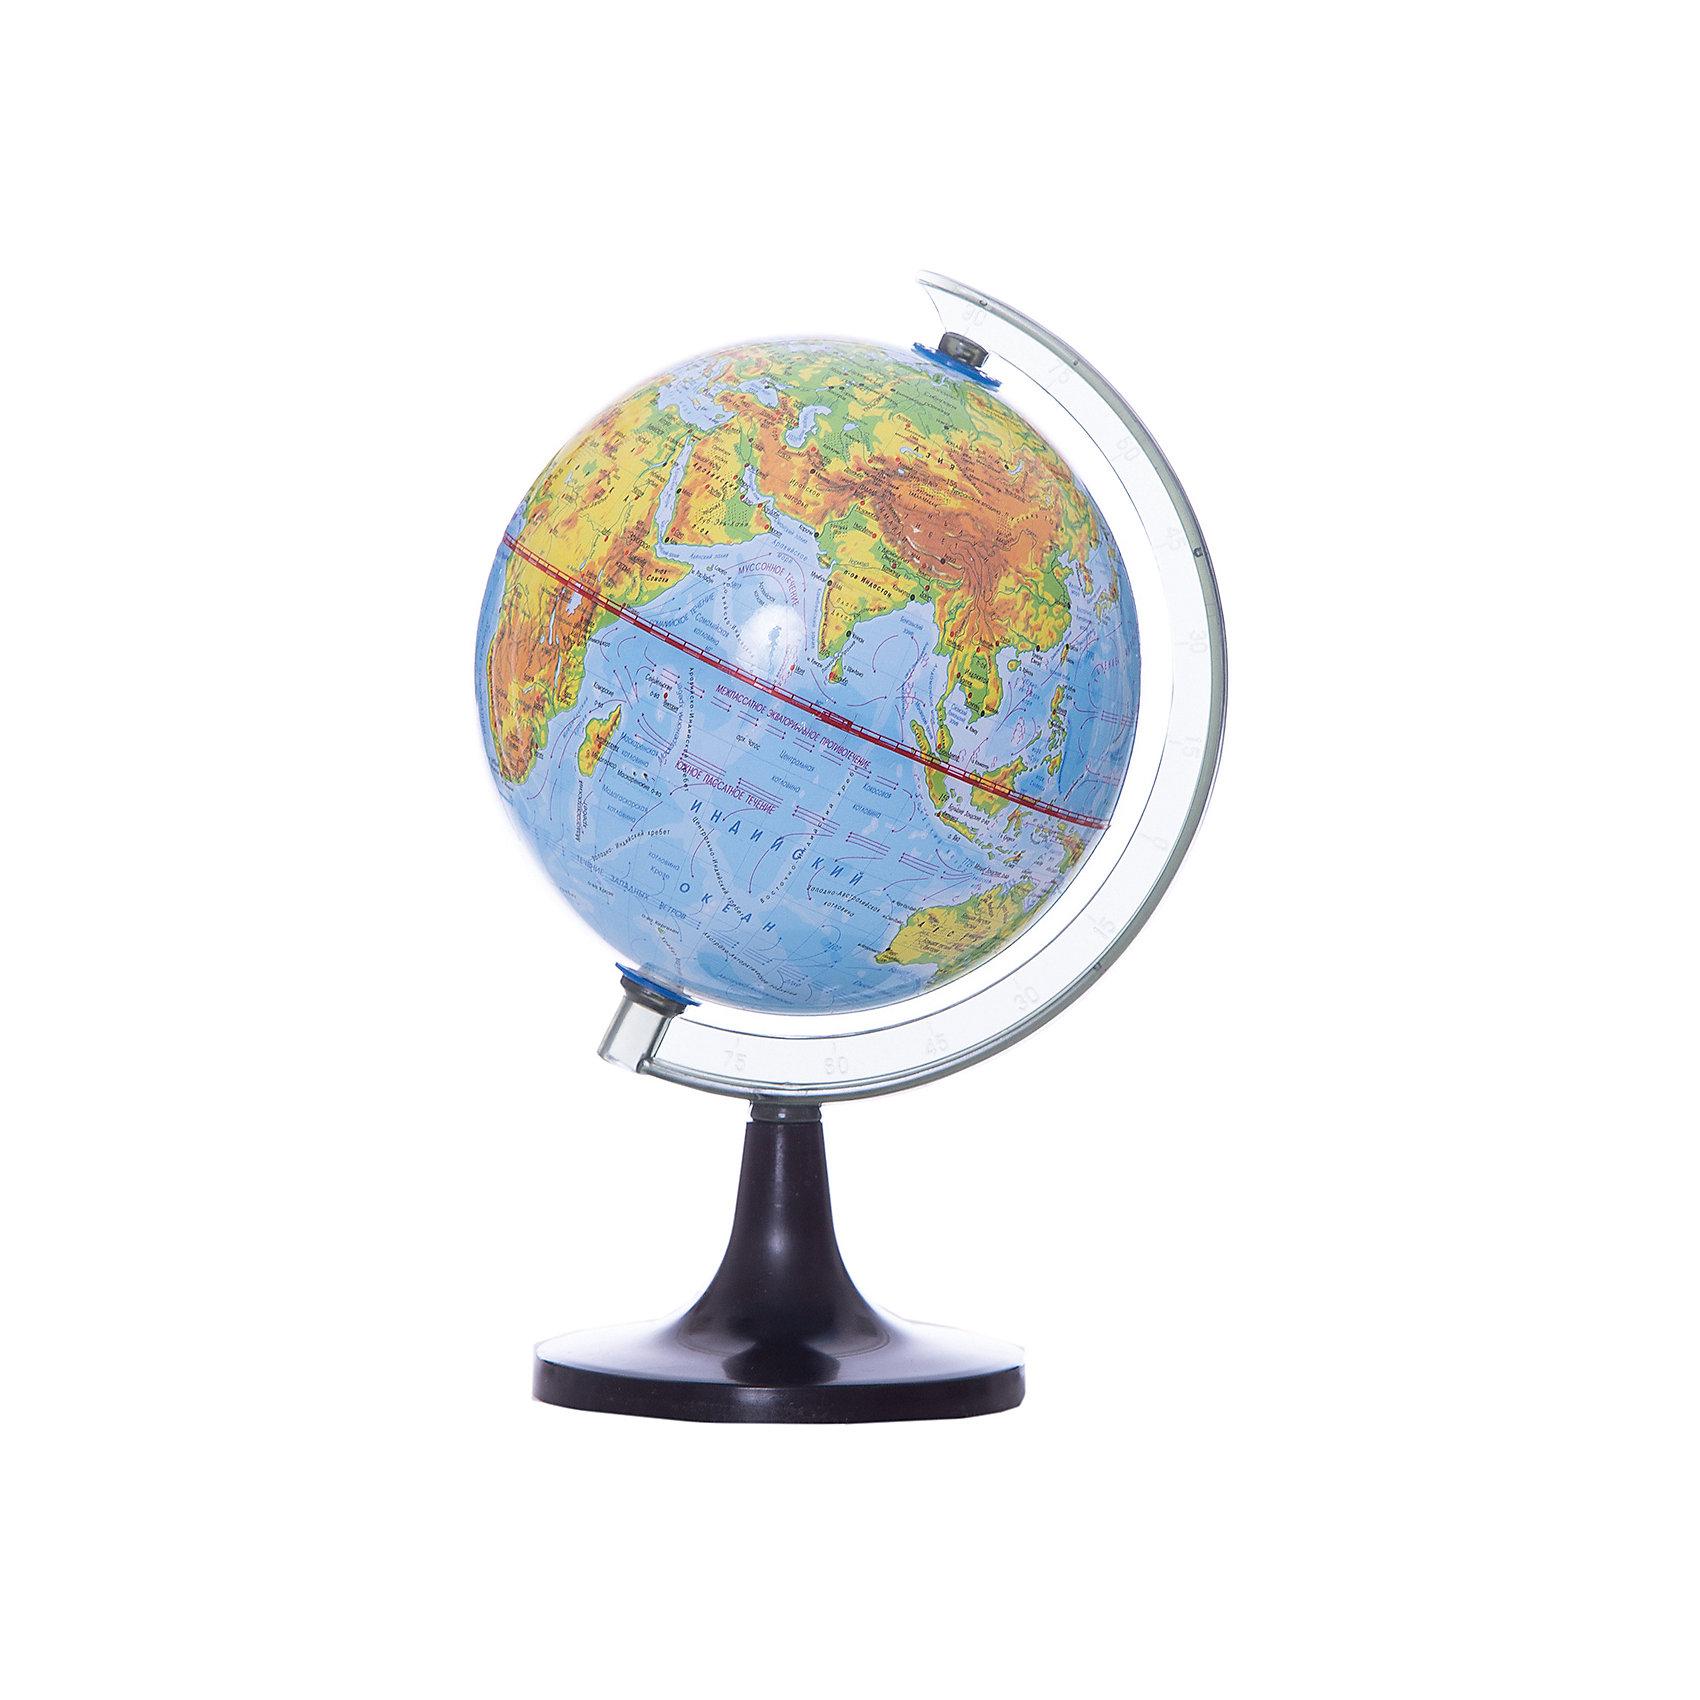 ROTONDO Глобус физический, 14,2смГлобусы<br>Характеристики товара:<br><br>• тип карты: физическая;<br>• диаметр глобуса: 14,2 см;<br>• масштаб: 1: 90000000;<br>• материал: пластик;<br>• размер упаковки: 14,2х14,2х14,2 см;<br>• вес: 244 грамма;<br>• возраст: от 3 лет.<br><br>Глобус от Rotondo познакомит ребенка с физическая картой мира. Глобус оформлен ярким и четким изображением. С помощью пластиковой ручки ребенок сможет удобно вращать глобус, чтобы рассмотреть все необходимые элементы.<br><br>На глобусе нанесены линии картографической сетки, рельеф суши и водного пространства, теплые и холодные течения, крупные населенные пункты, гидрографическая сеть и элементы почвенно-растительного покрова.<br><br>ROTONDO (Ротондо) Глобус физический, 14,2см можно купить в нашем интернет-магазине.<br><br>Ширина мм: 142<br>Глубина мм: 142<br>Высота мм: 142<br>Вес г: 244<br>Возраст от месяцев: 36<br>Возраст до месяцев: 168<br>Пол: Унисекс<br>Возраст: Детский<br>SKU: 6859023